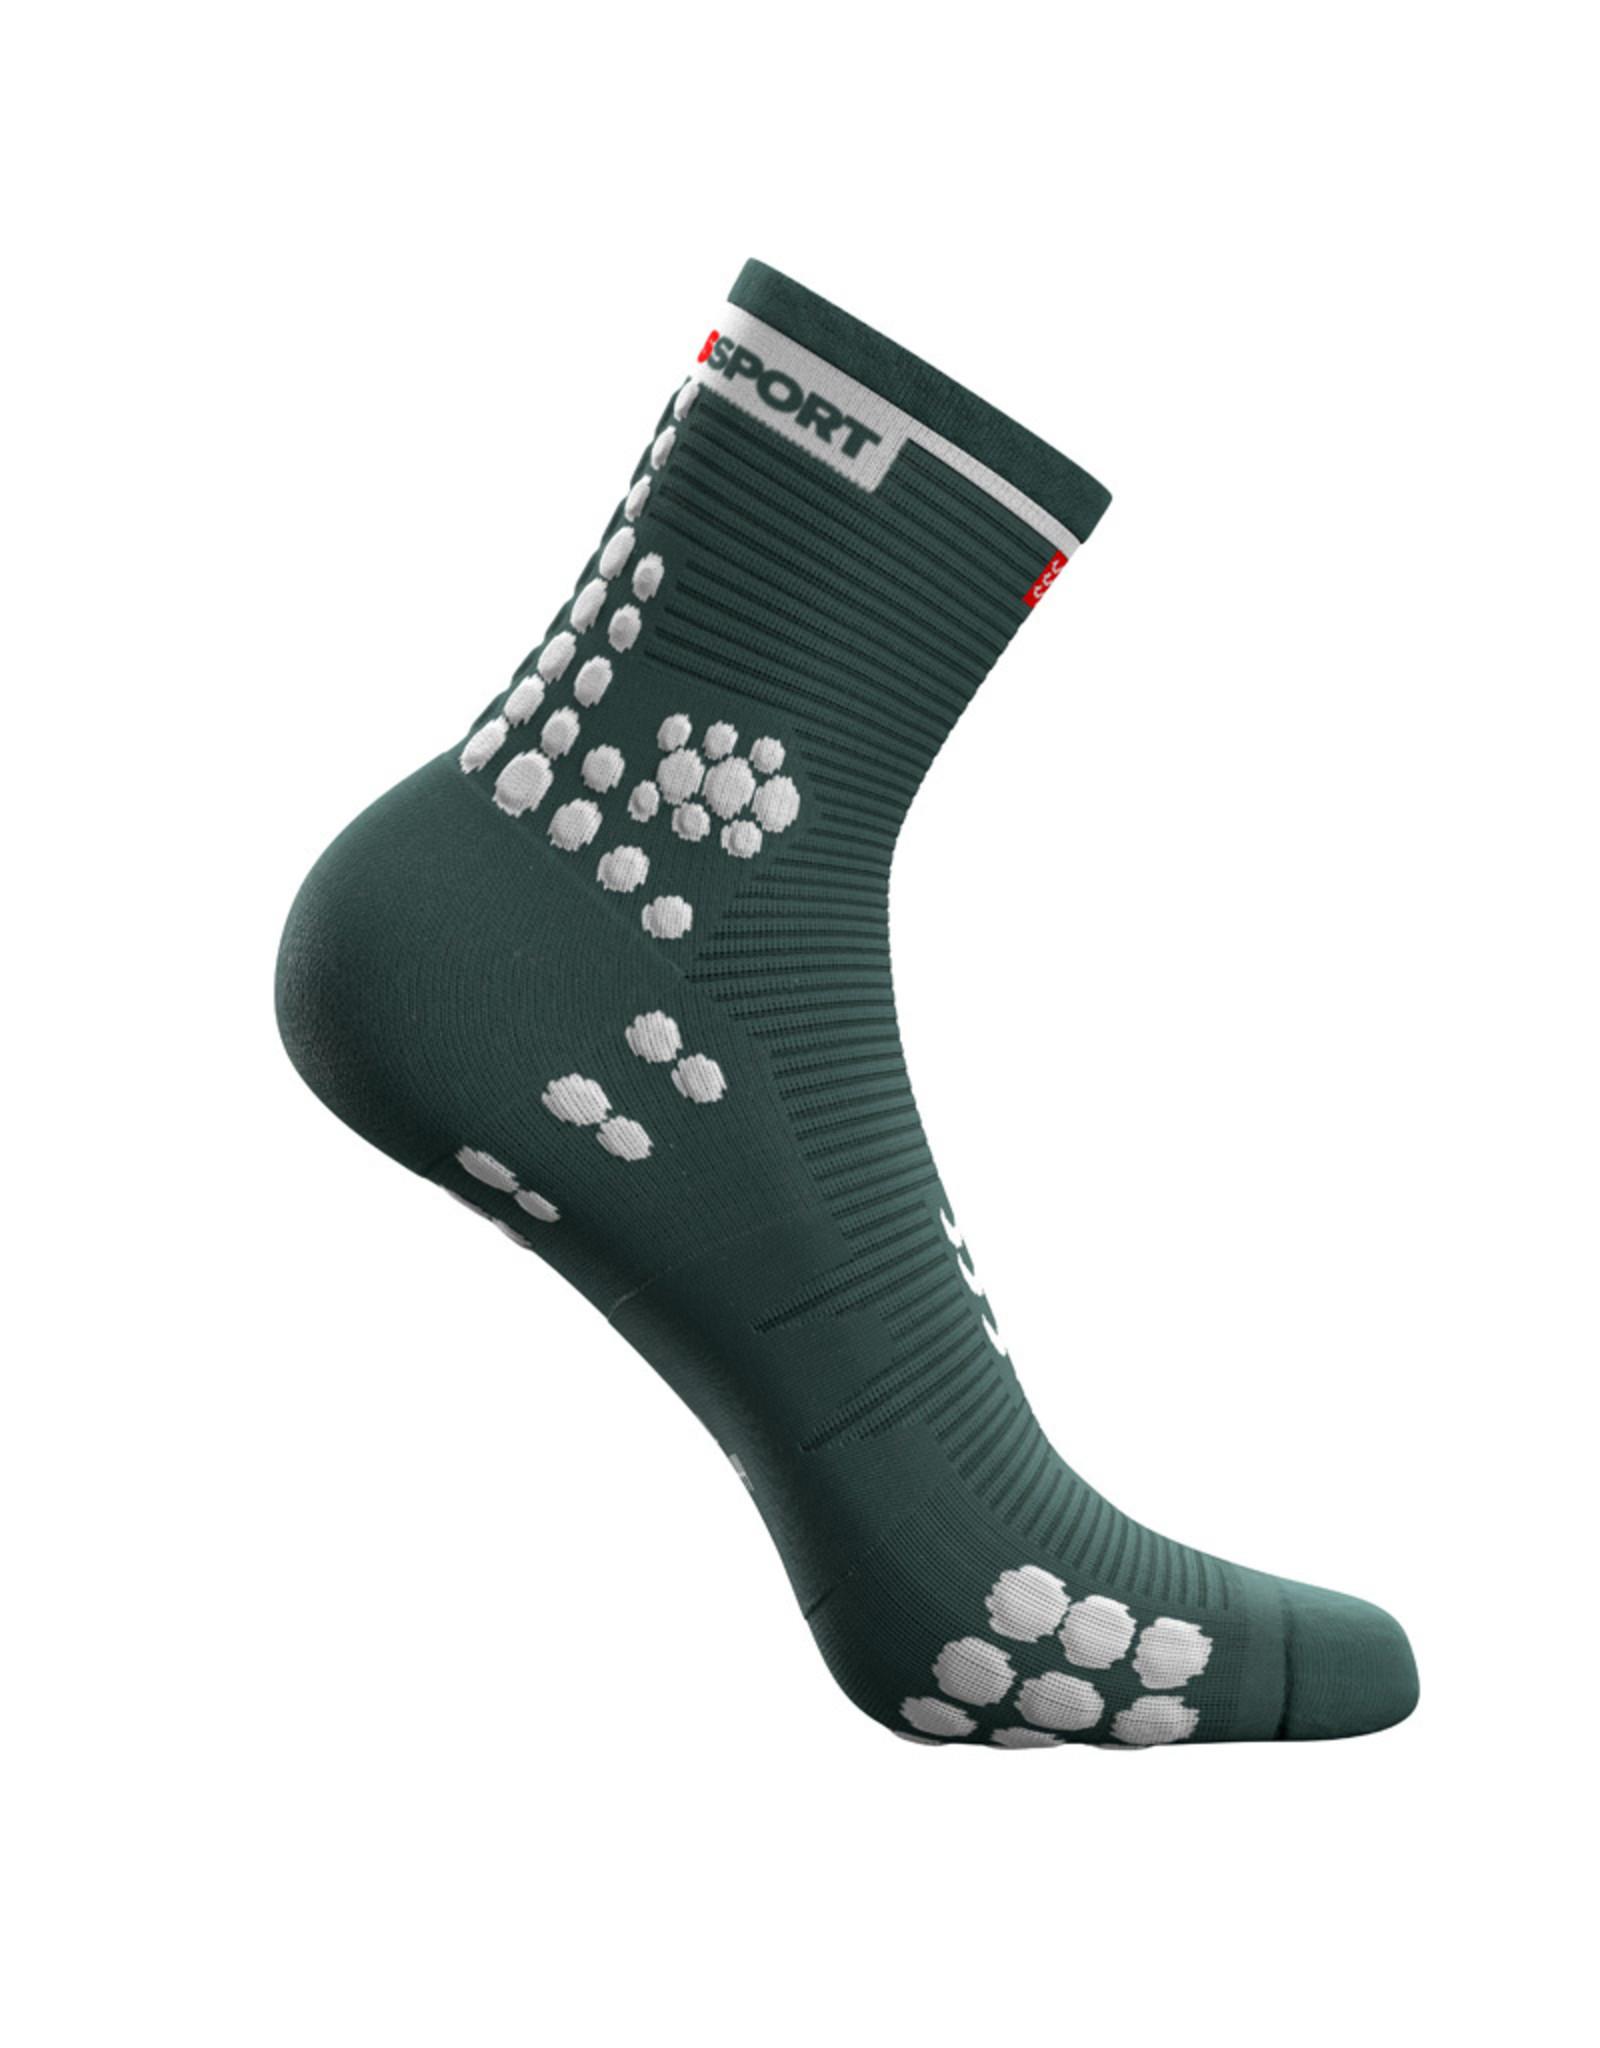 Compressport Pro Racing Socks v3.0 Run High  Vert/Blanc Chaussettes de course High